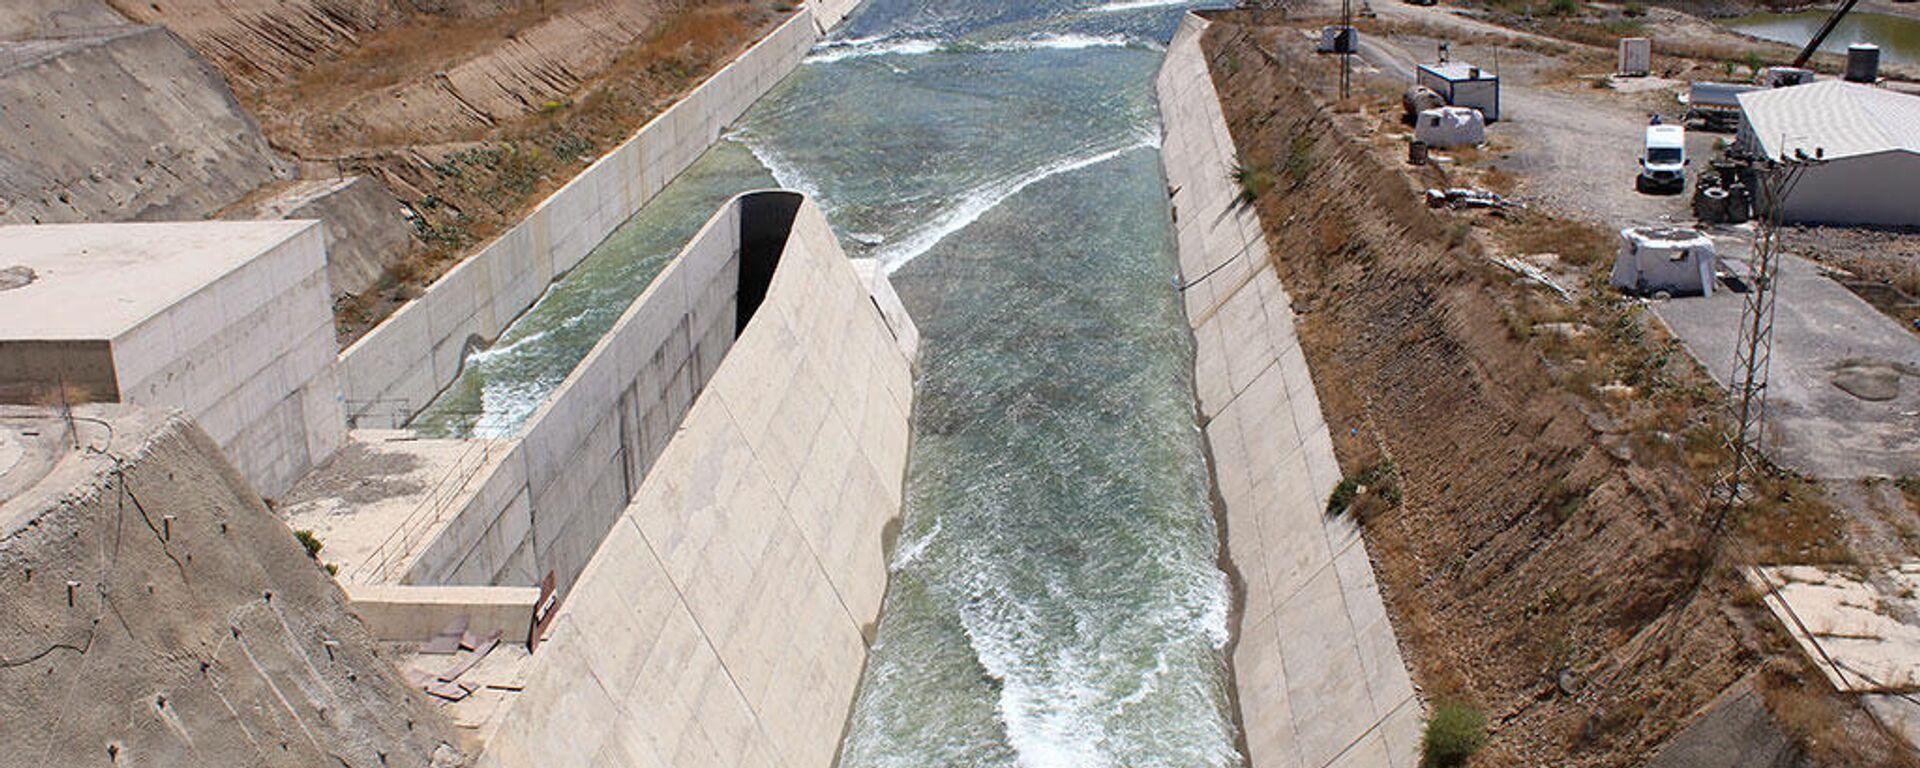 Stavba vodní elektrárny Alpaslan v Turecku společní Energo-Pro - Sputnik Česká republika, 1920, 27.04.2021